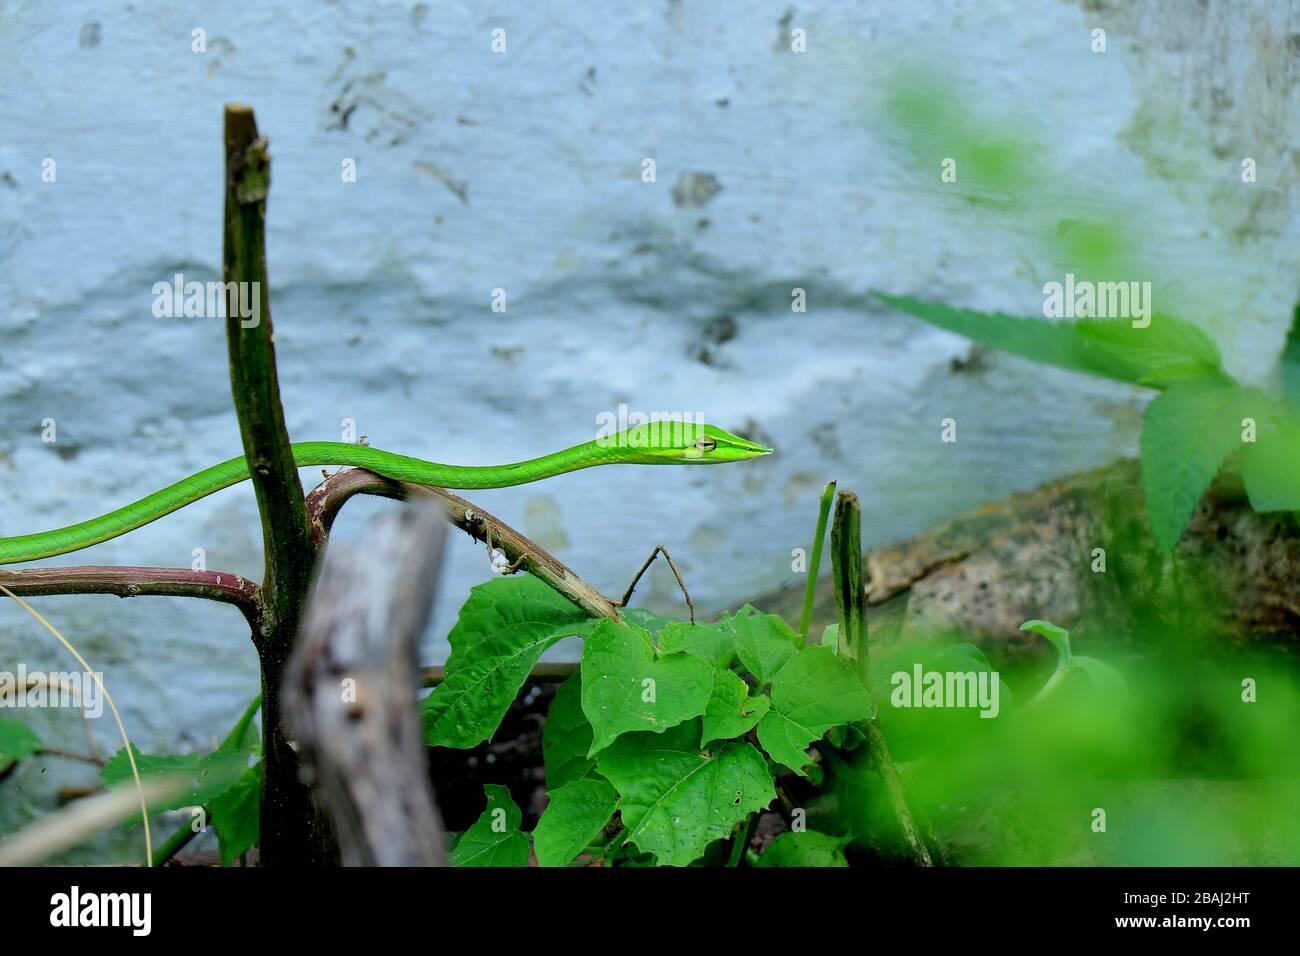 Un serpent vert ou un serpent à nez long ou un serpent de vigne ou un reptile capturé à ma maison, le nom botanique du reptile est ahaetulla nasuta. Banque D'Images